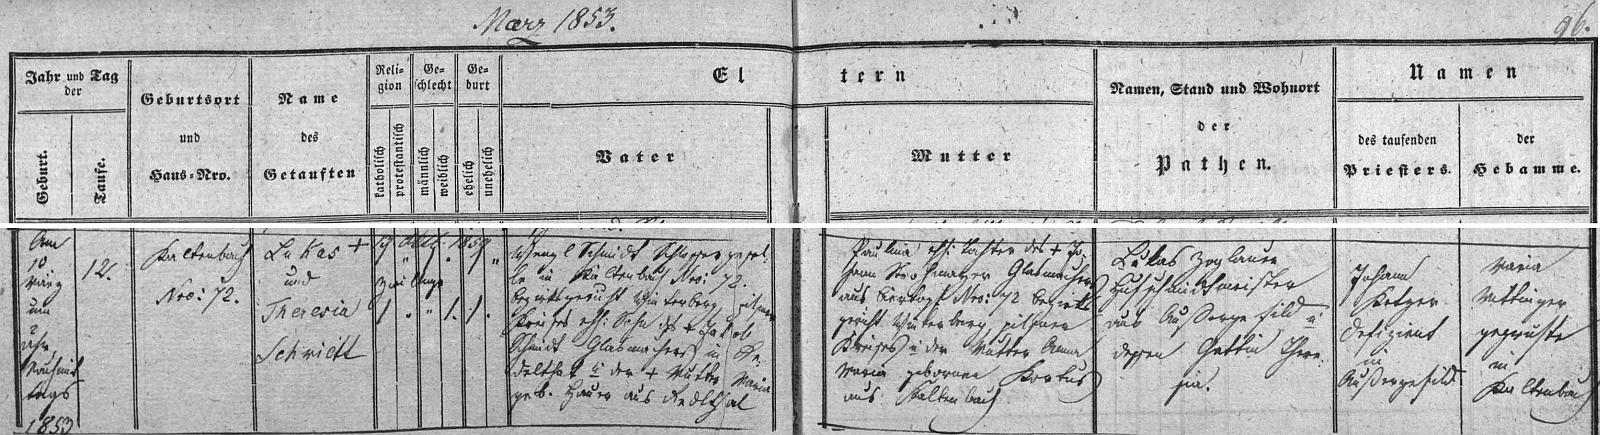 Záznam novosvětské křestní matriky o narození jeho ženy Theresie v Kaltenbachu, tj. v dnešních Nových Hutích, na už neexistujícím tam stavení čp.72, kde se zámečnickému tovaryši Wenzlu Schmidtovi (synu skláře Jakoba Schmidta a Marie, roz. Hauraové, obou z hornorakouského Redltalu) ajeho ženě Paulině (dceři skláře Johanna Strohmayera z Pivního Hrnce (Biertopf) čp. 72 nedaleko od Kaltenbachu a Anny Marie, roz. Kortusové zKaltenbachu) narodila dvojčata Lukas a Theresia, z nichž dětský věk přežila toliko dcera